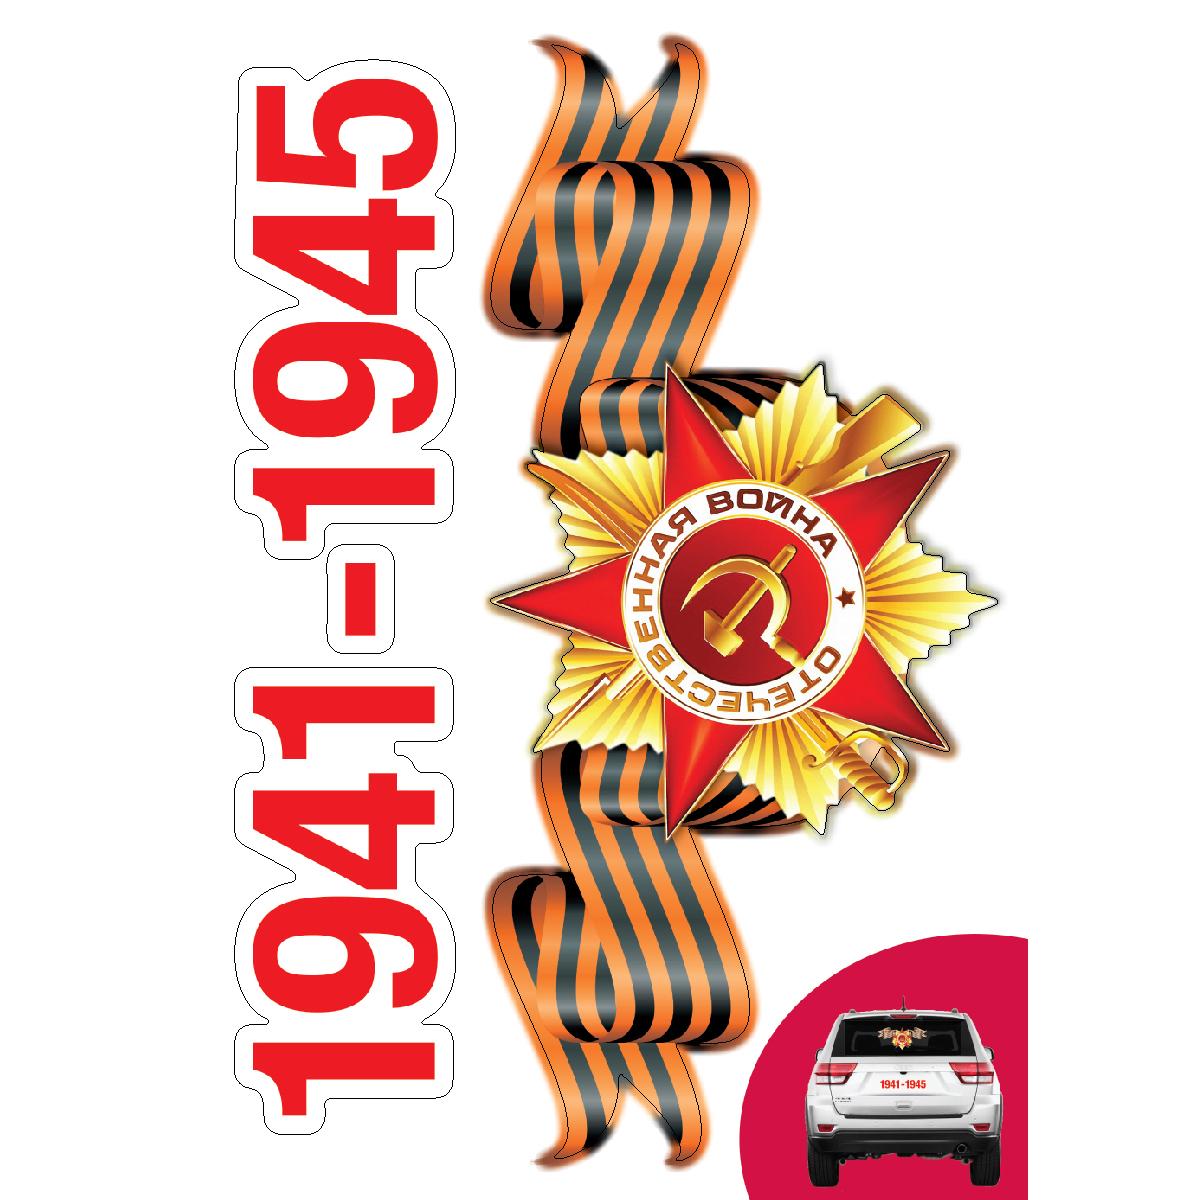 Наклейка автомобильная Decoretto Слава Отечеству!, виниловая, 36 х 50 см decoretto виниловая наклейка волшебница джульетта